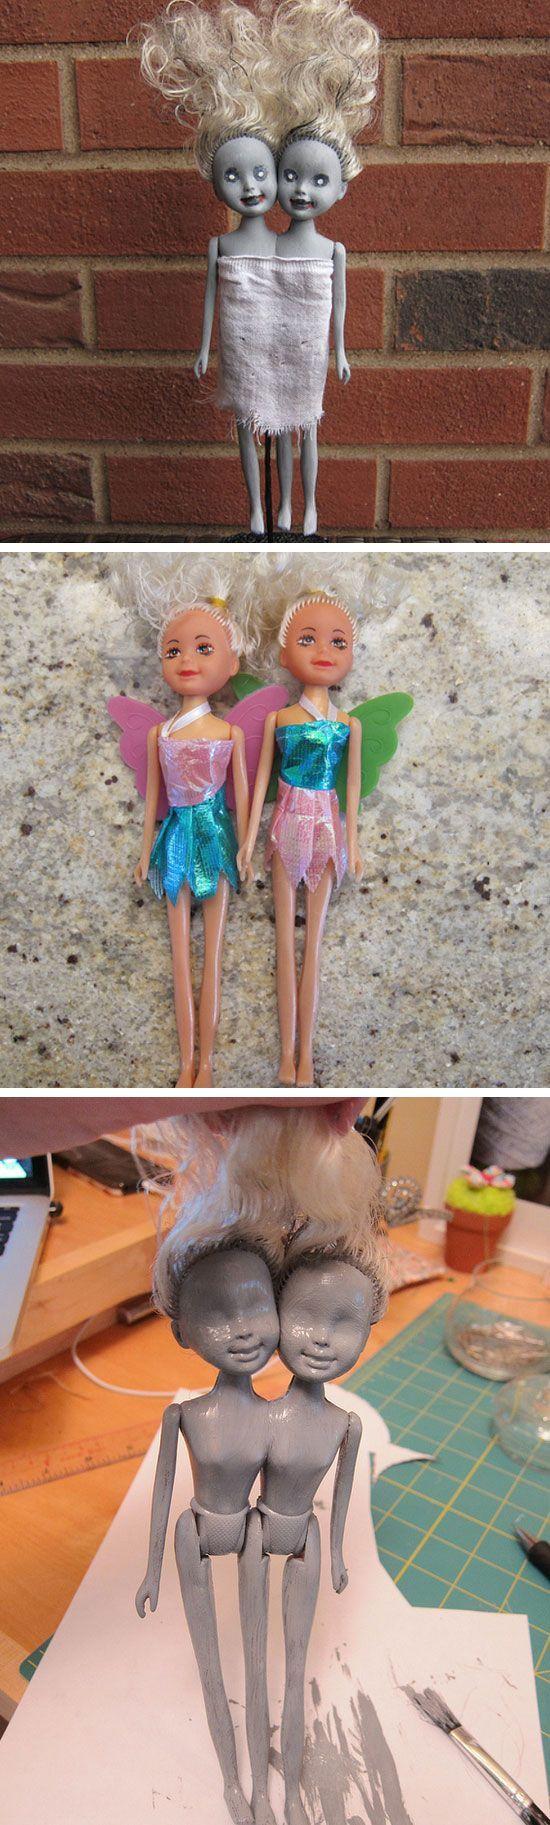 17 DIY Halloween Dekorationsideen für Kinder mit kleinem Budget